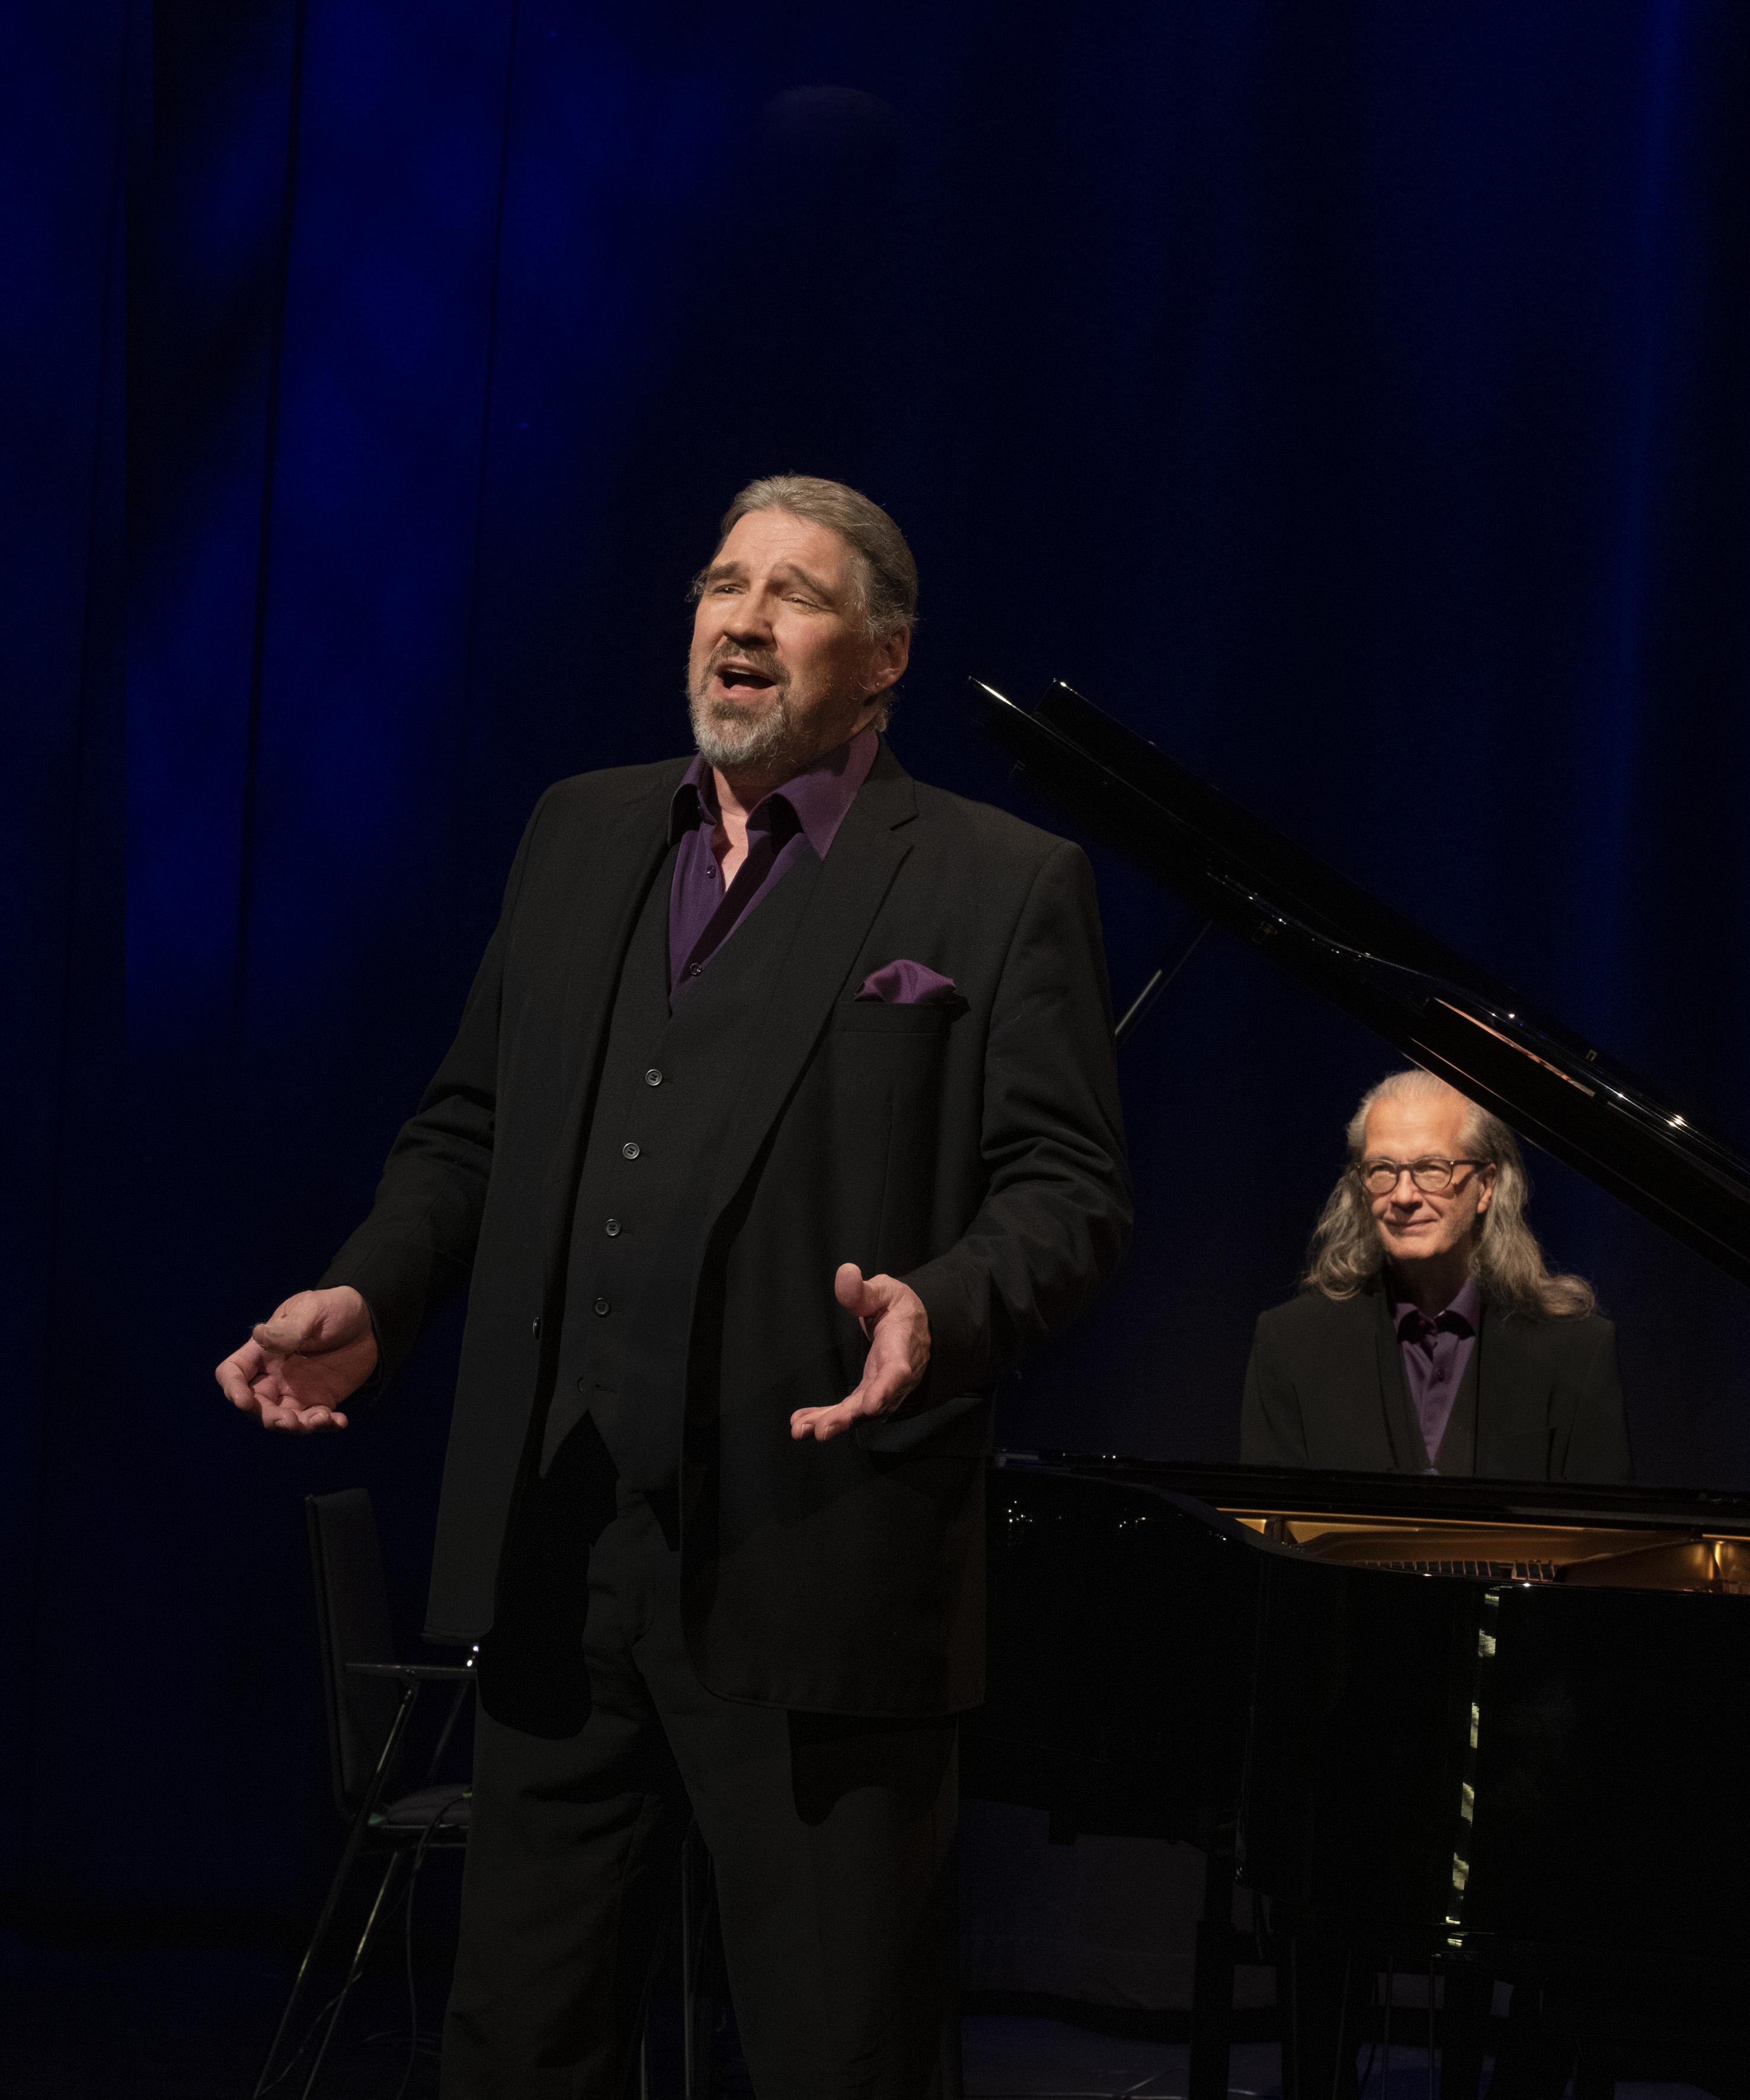 Pentti Hietanen esittää Lasse Heikkilän ikivihreitä ja uunituoreita lauluja säveltäjämestarin johtaman orkesterin säestyksellä levynjulkaisukonsertissa Kangasala-talossa 19.10.2021.